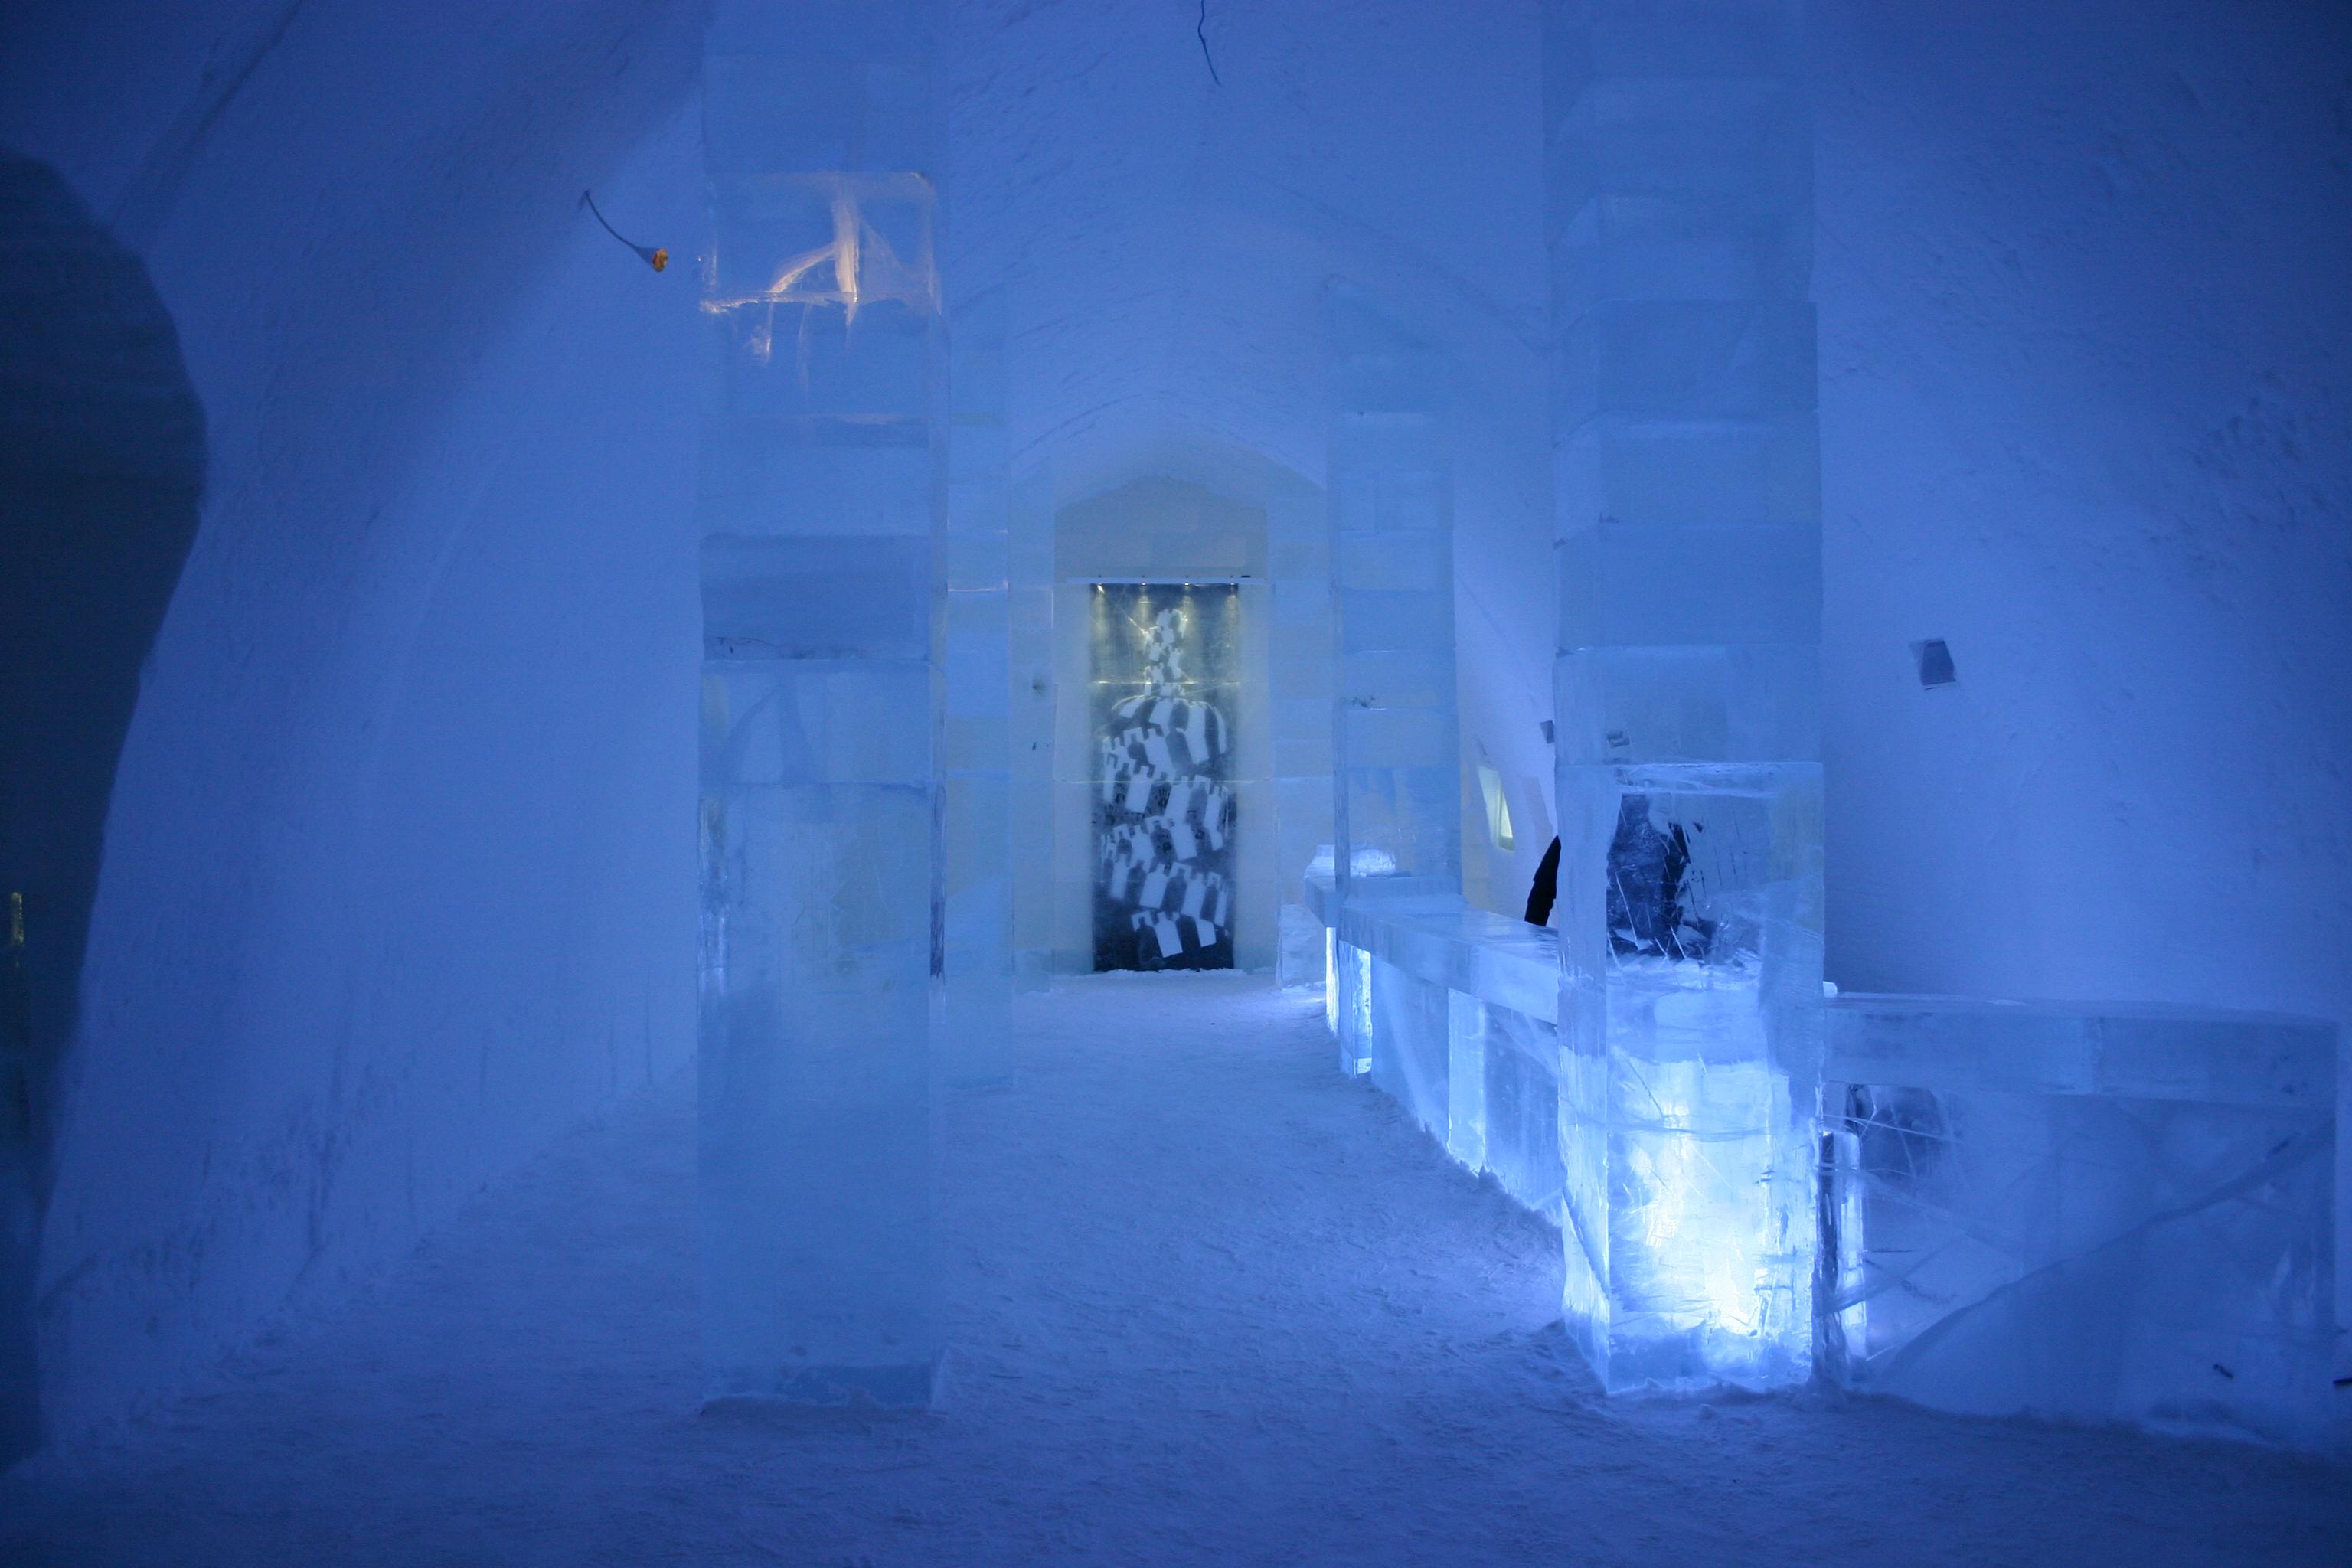 بالصور فندق من الثلج , تجربة فريدة وغريبة 4210 7